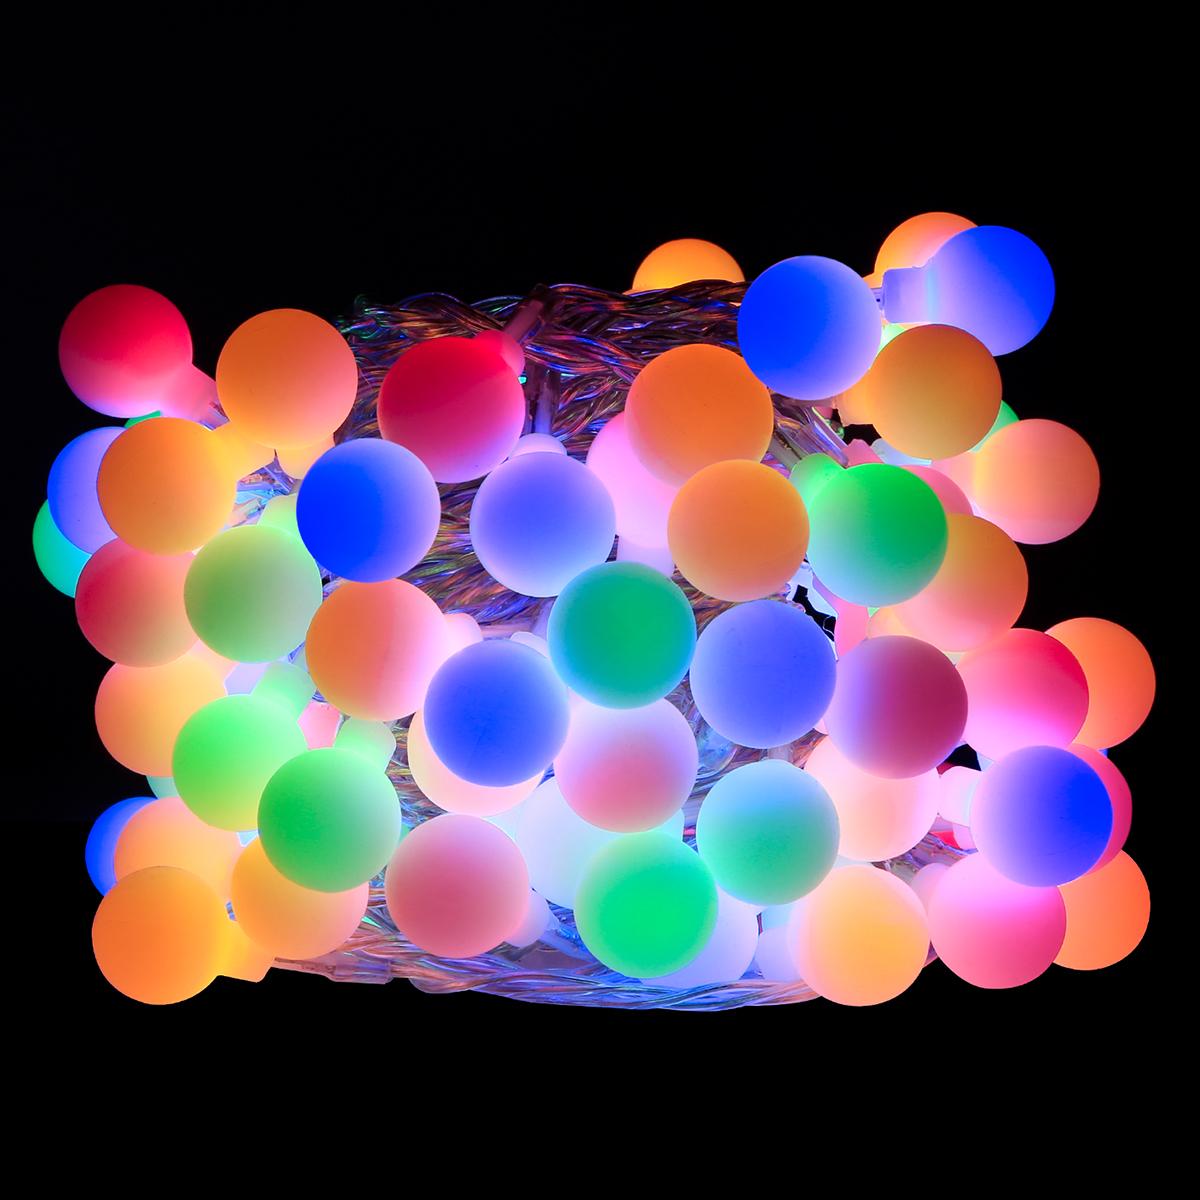 100er LED Kugel Lichterkette, 10M Mehrfarbig, 8 Modi mit Memory-Funktion, Innen/ Au?en Party Weihnachten Dekolampe, RGB